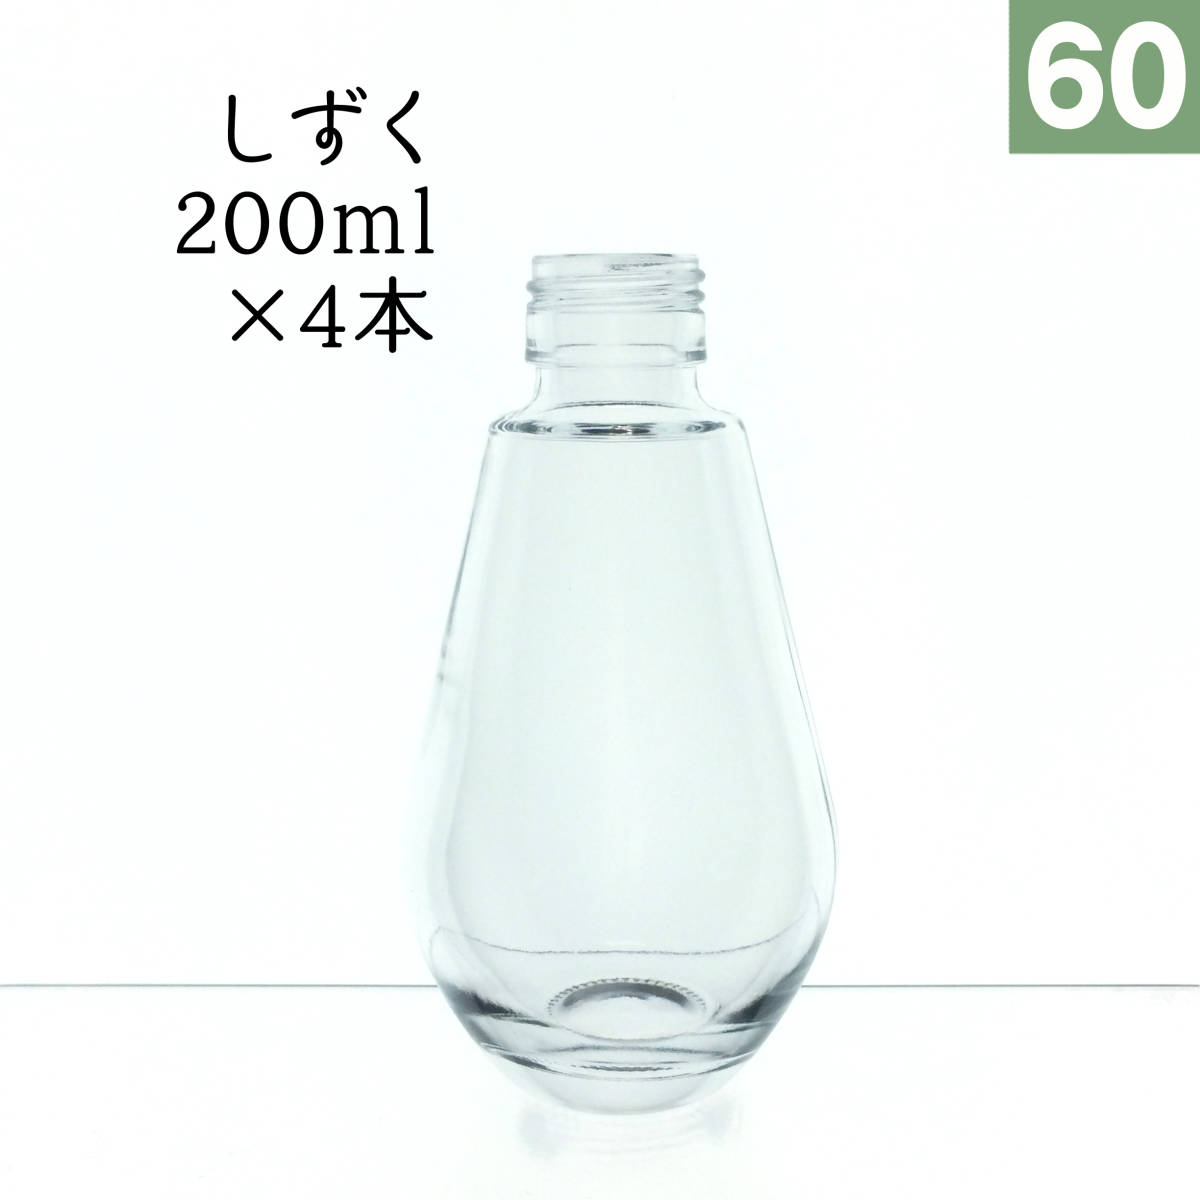 ハーバリウム瓶 しずく200ml 4本_画像1